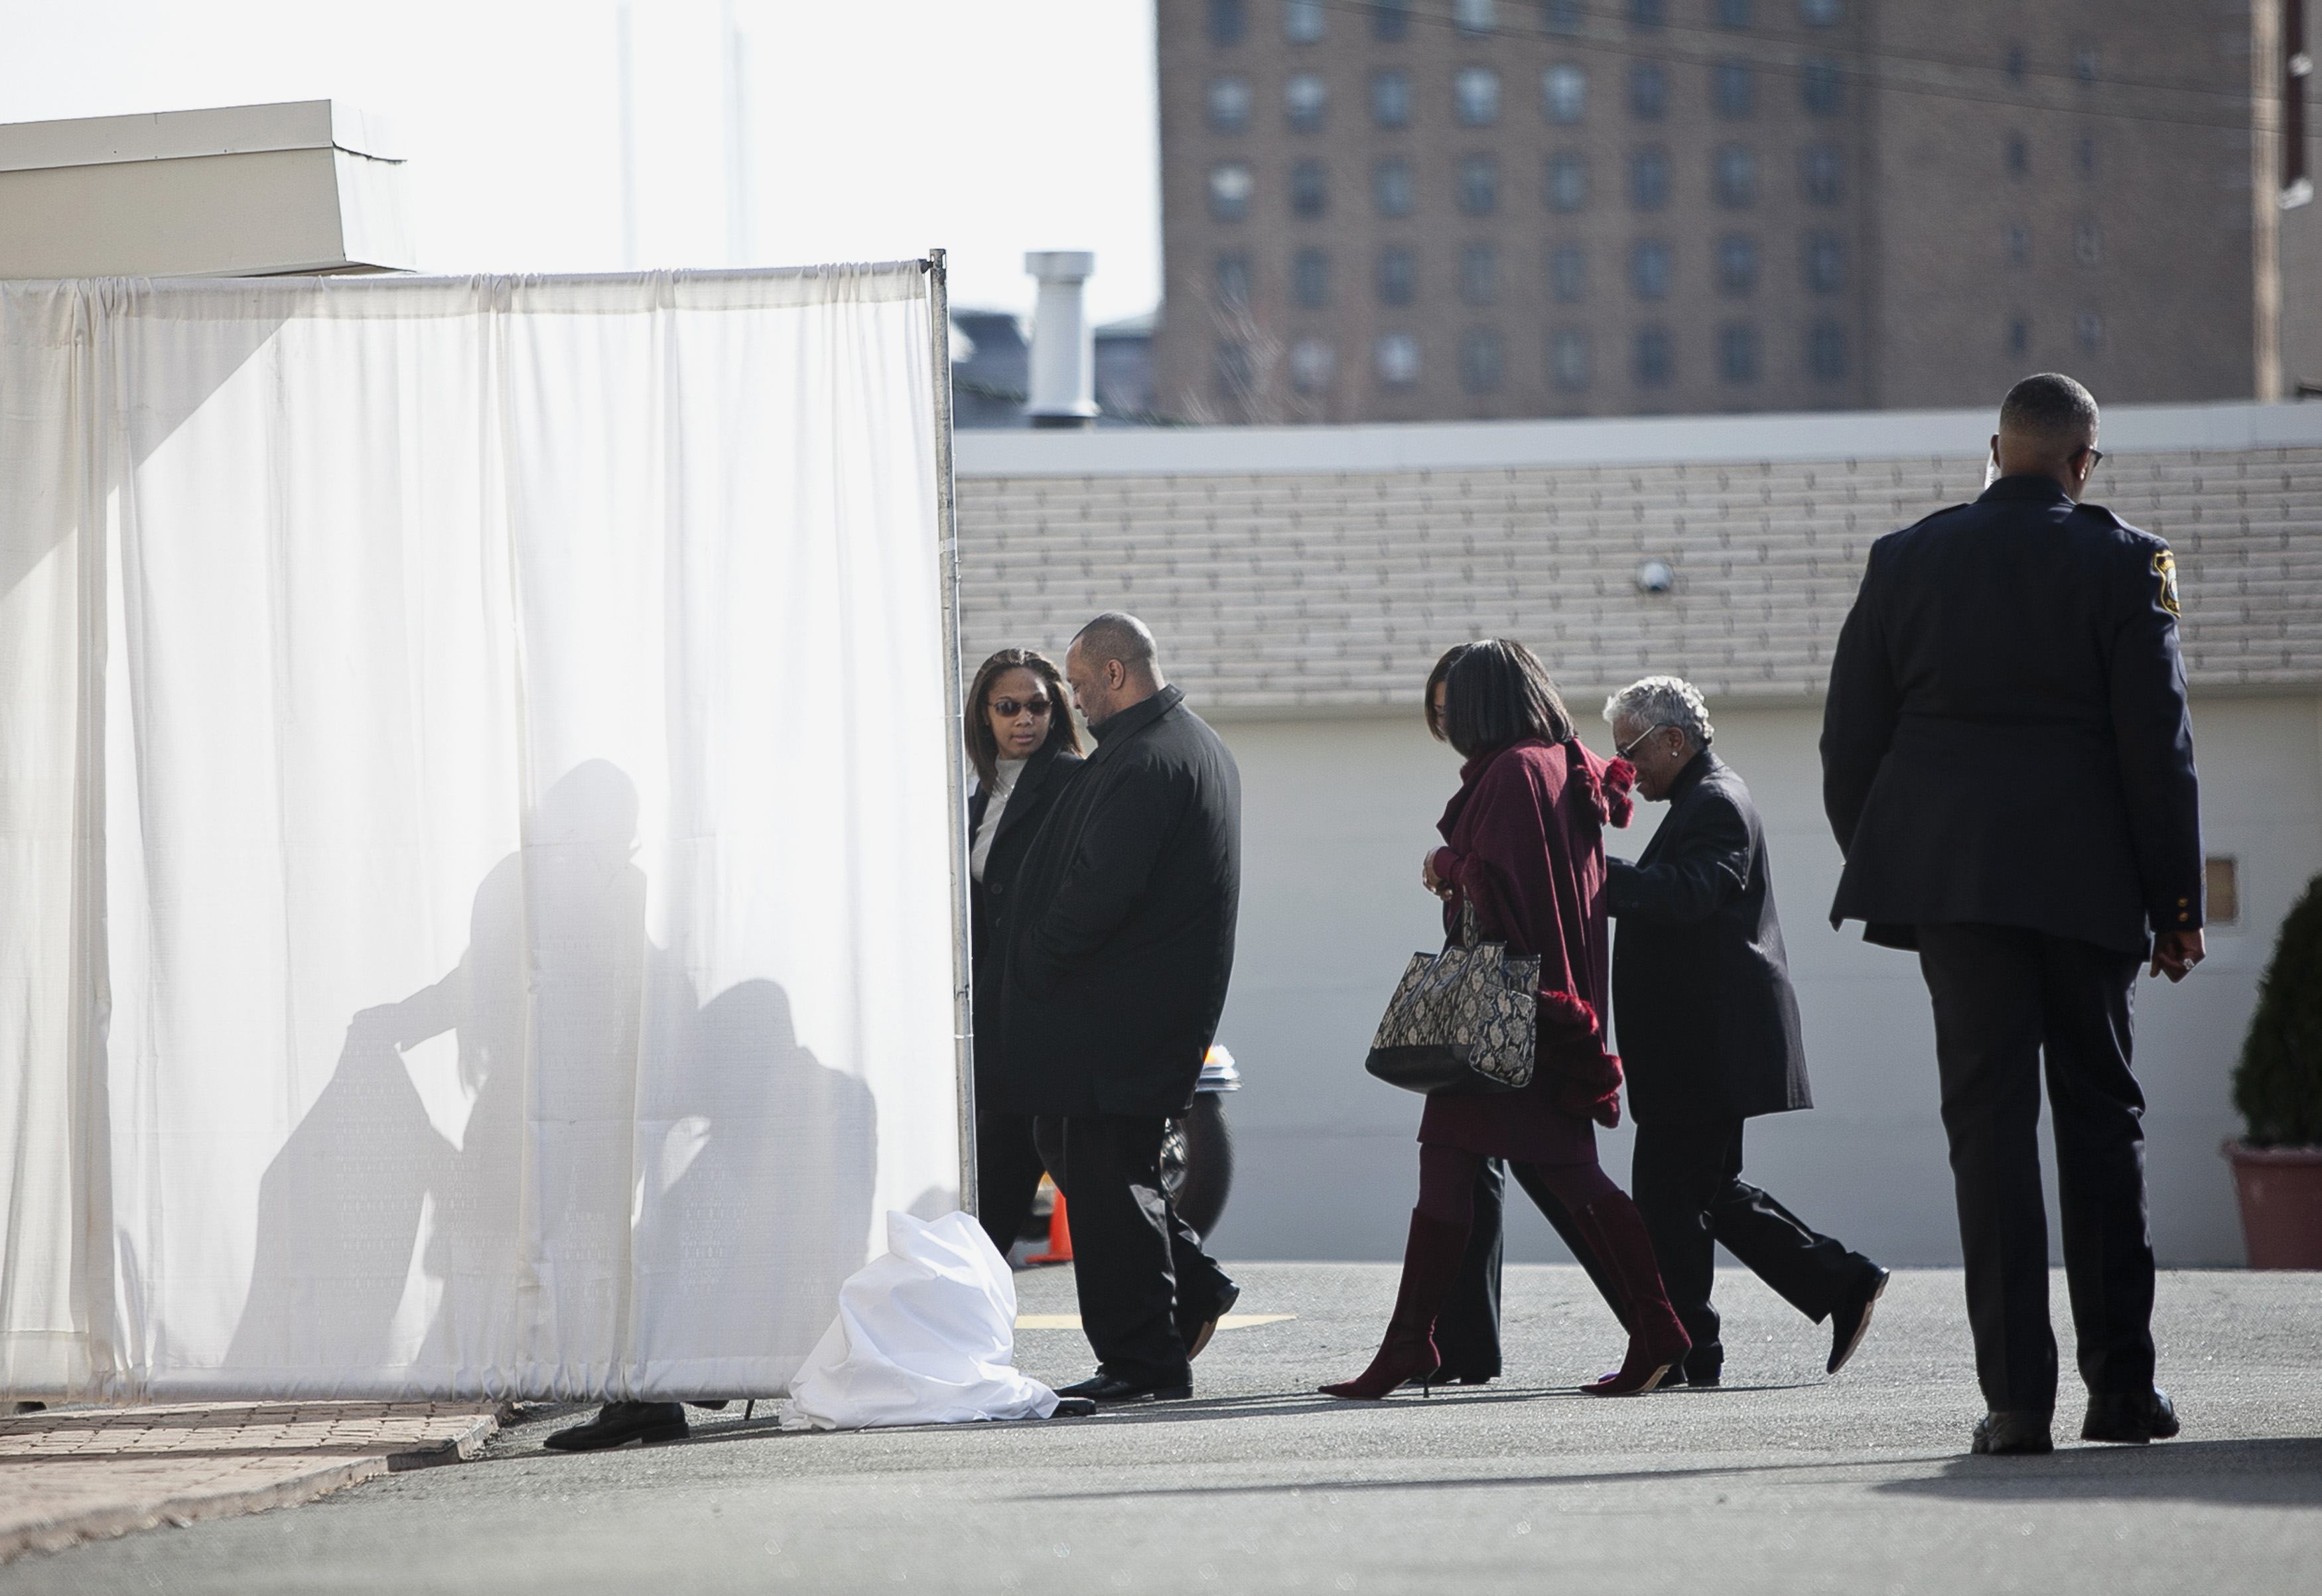 Familiares de Whitney Houston, incluindo a filha, Bobbi Kristina, chegam ao Whigham Funeral Home para acompanhar a saída do corpo da cantora em direção ao cemitério